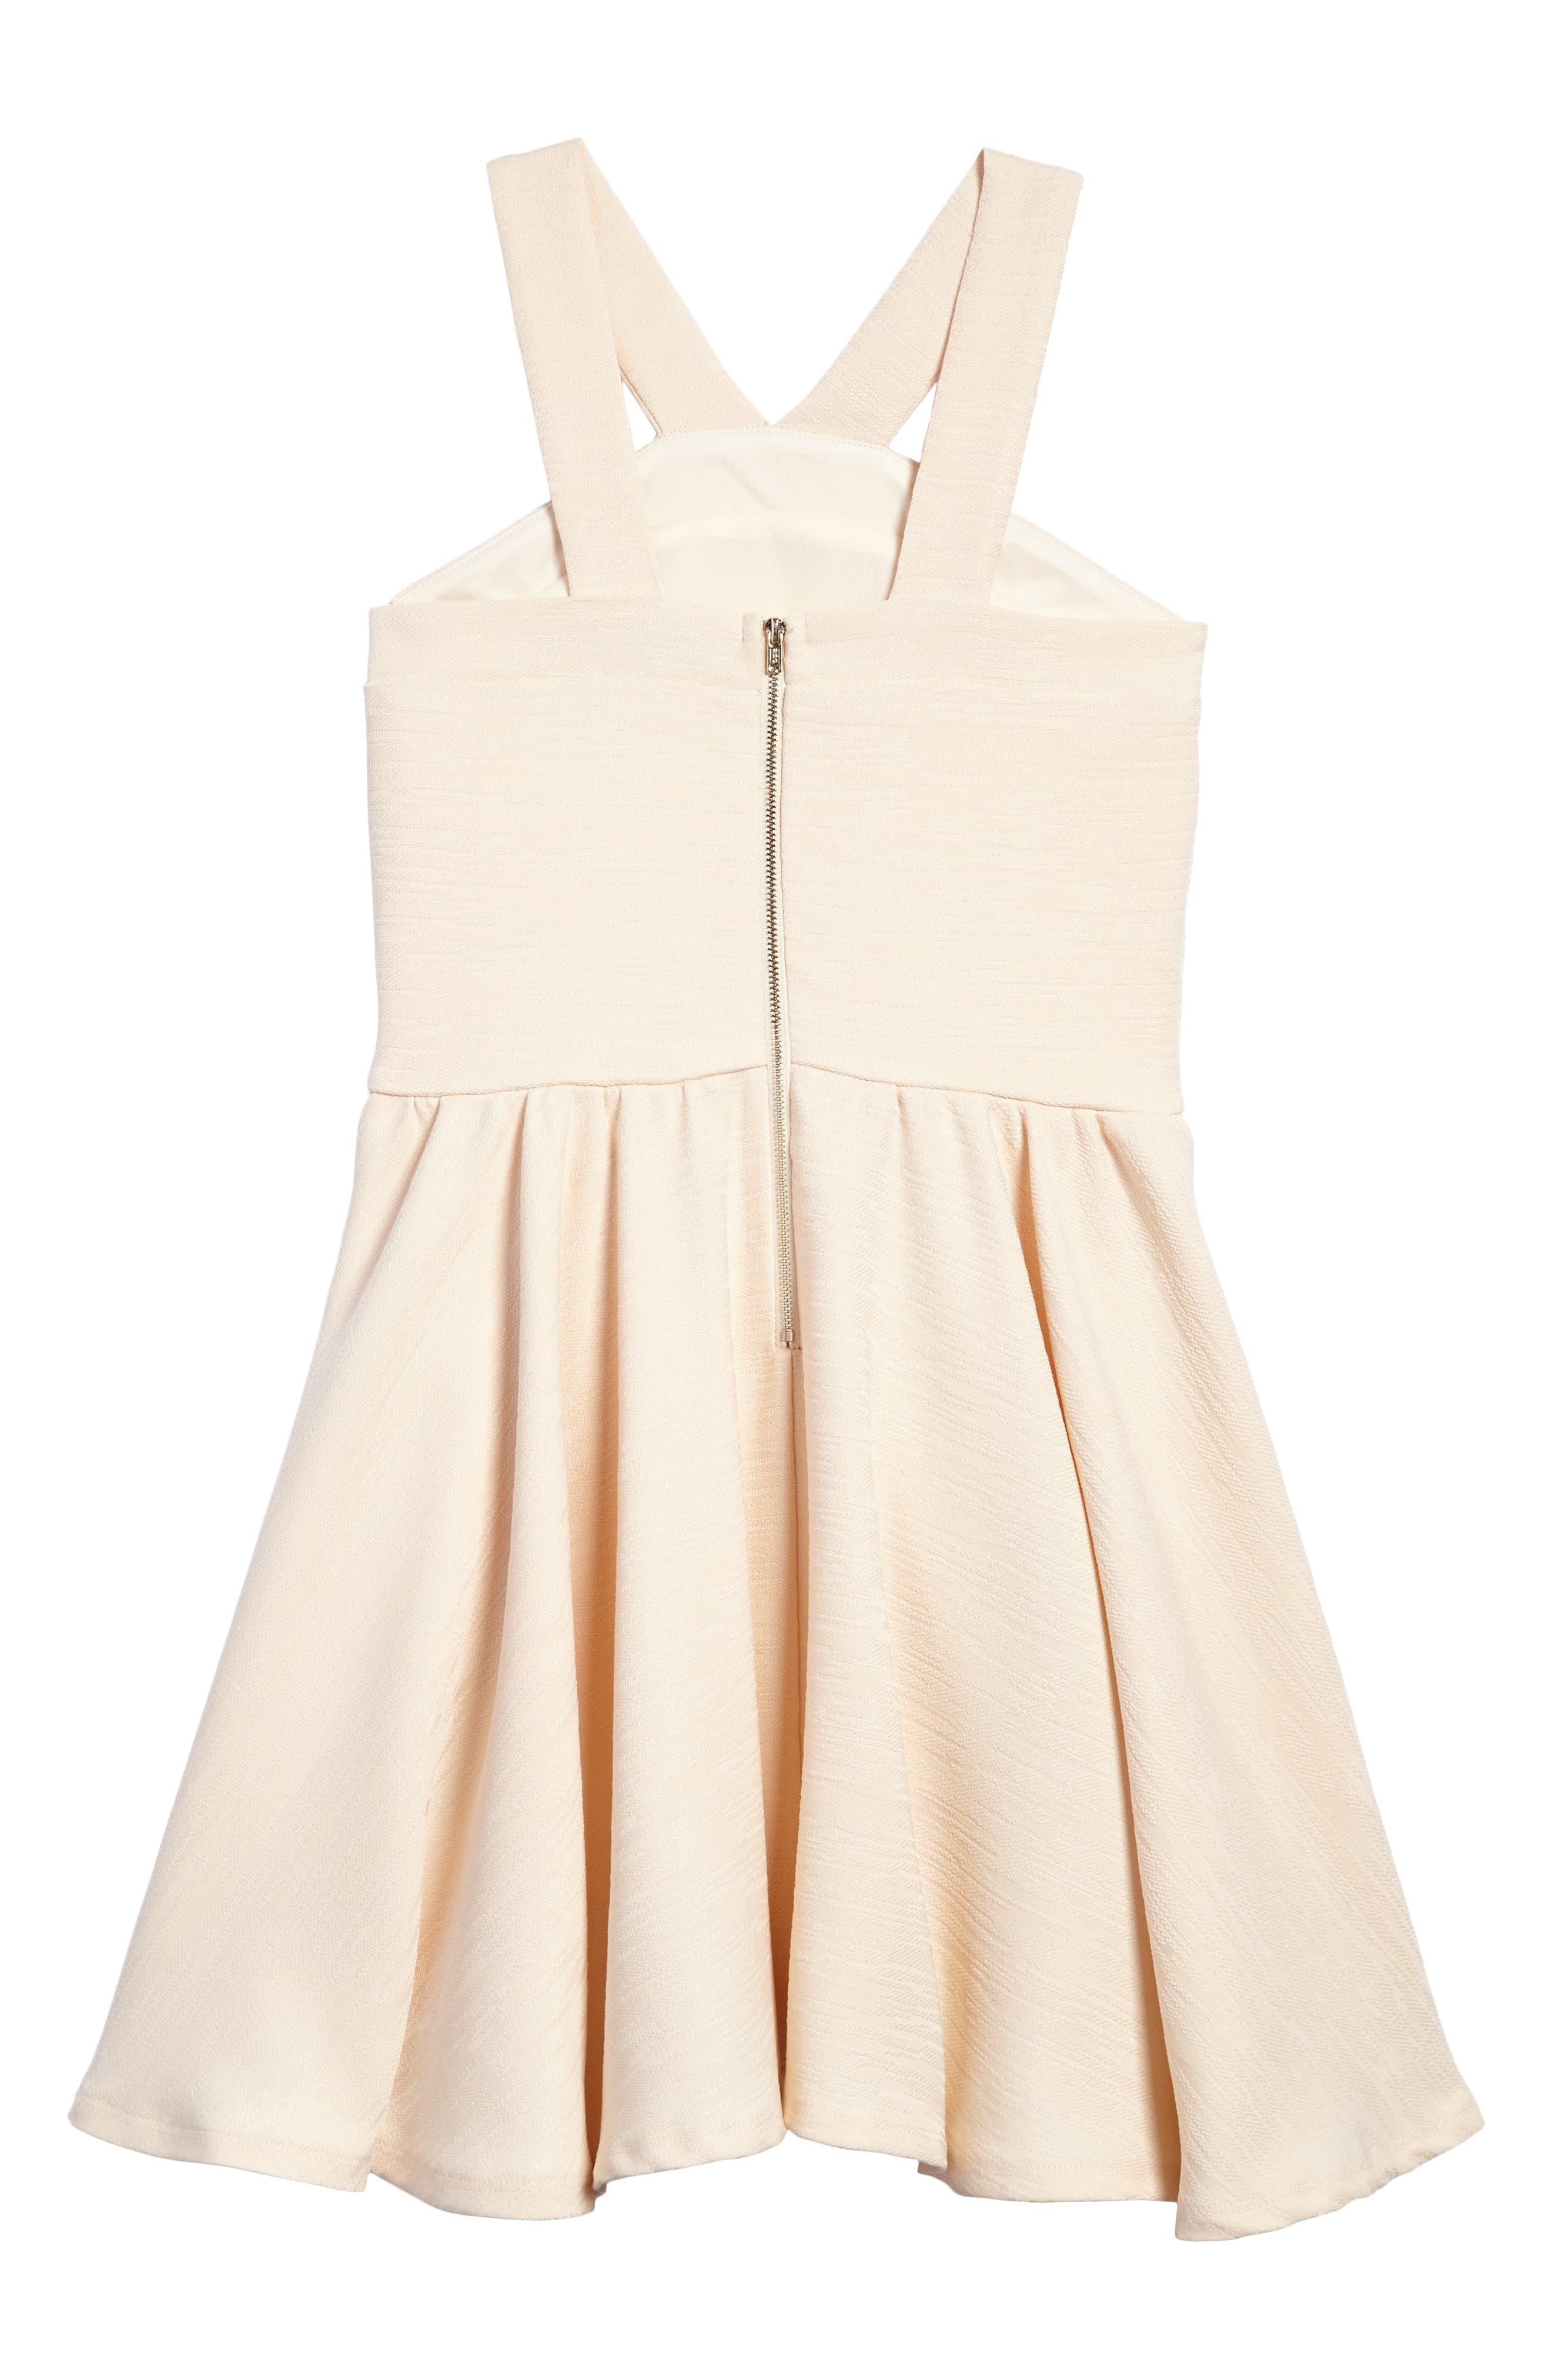 Stephanie Halter Dress,                             Alternate thumbnail 2, color,                             Beige